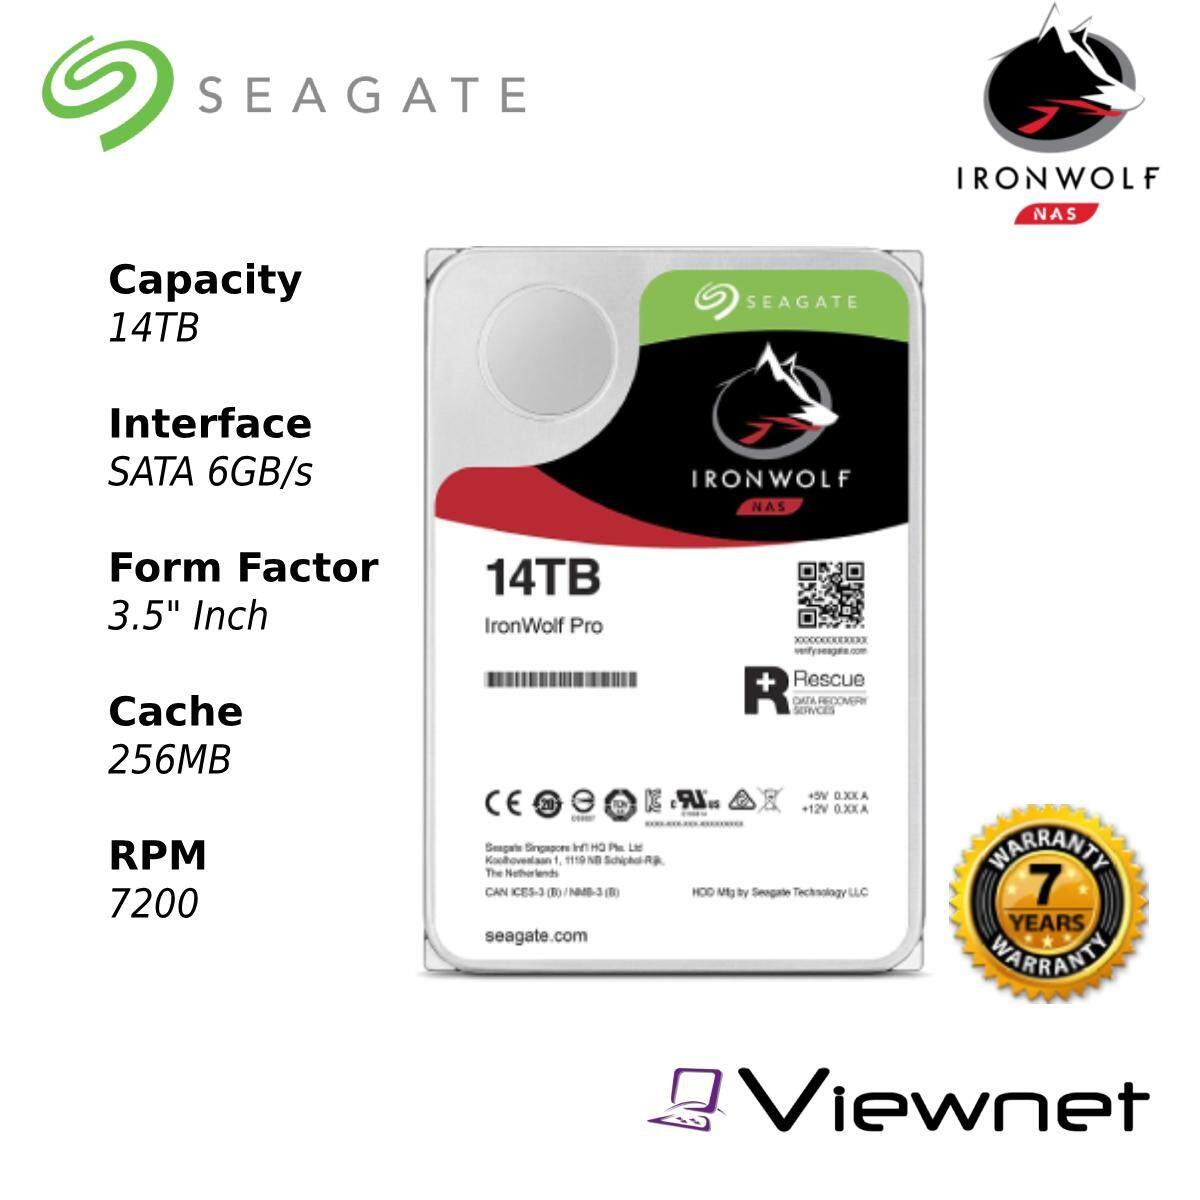 Seagate Ironwolf Pro 8TB/10TB/12TB/14TB/16TB Internal Hard Drive - 7200RPM SATA 6Gb/s 256MB 3.5